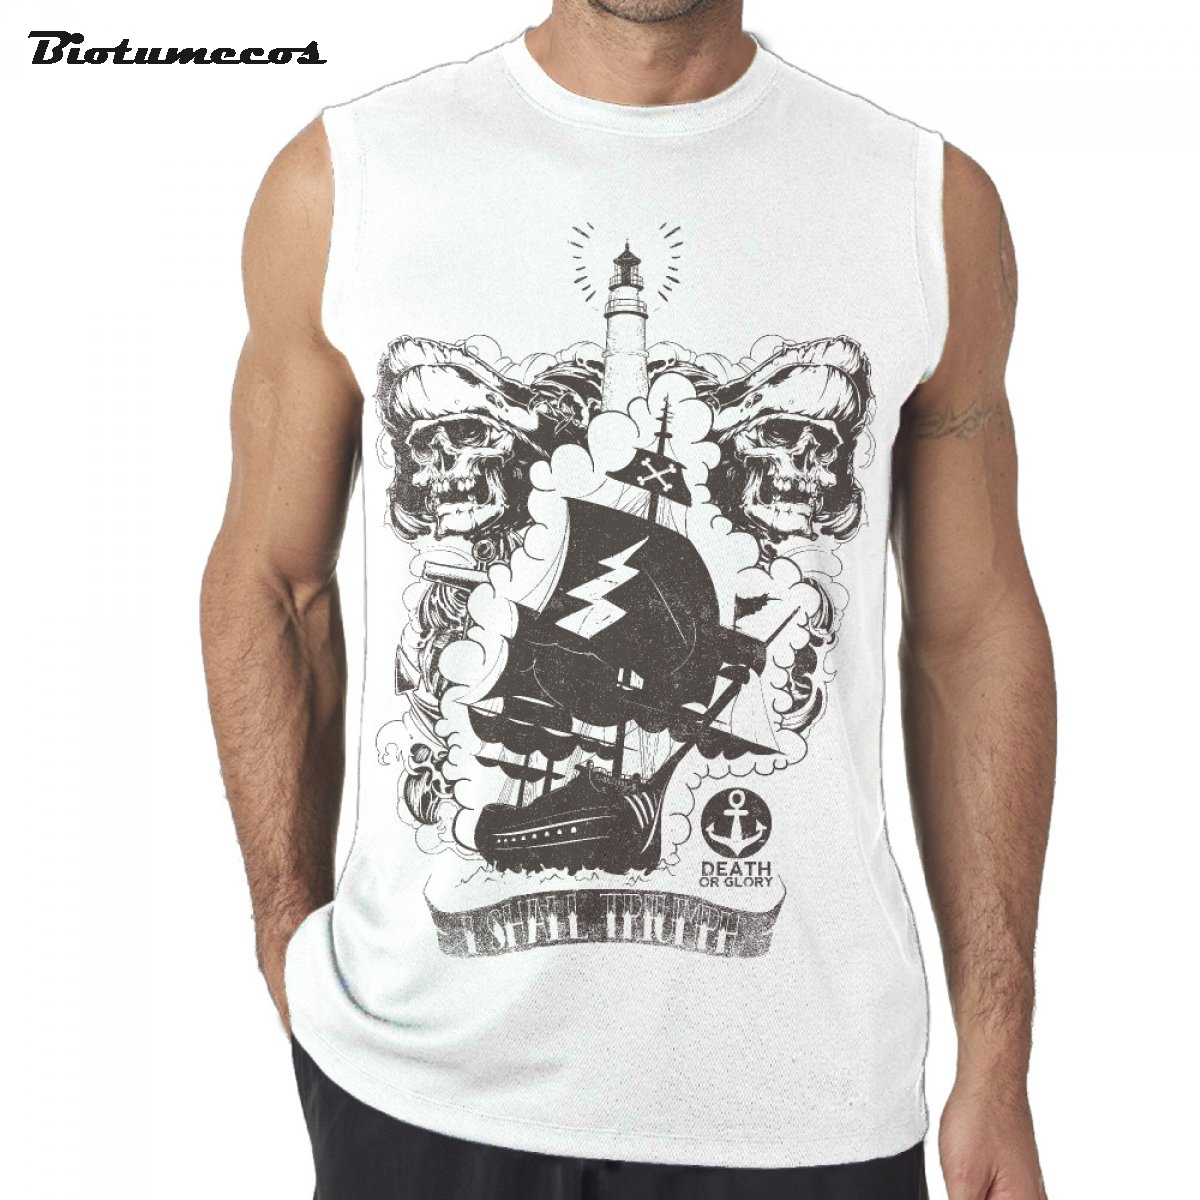 Männer ärmellose t shirt mode 100 baumwolle marke tank tops unterhemden schädel piratenschiff leuchtturm